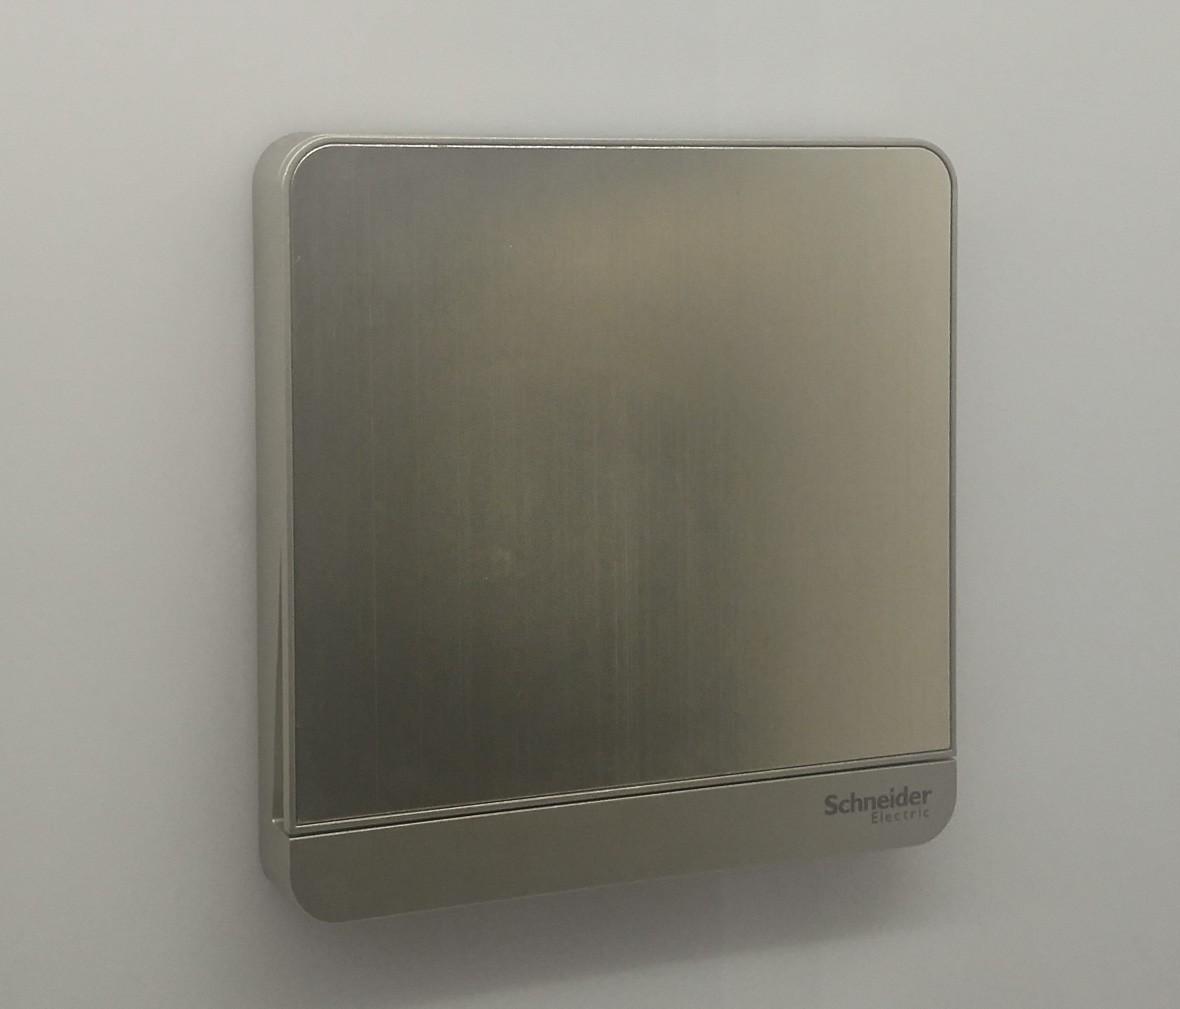 施耐德 蓝韵系列 单开拉丝面开关 PC材质 耐高温 防漏电 安全插座 实拍